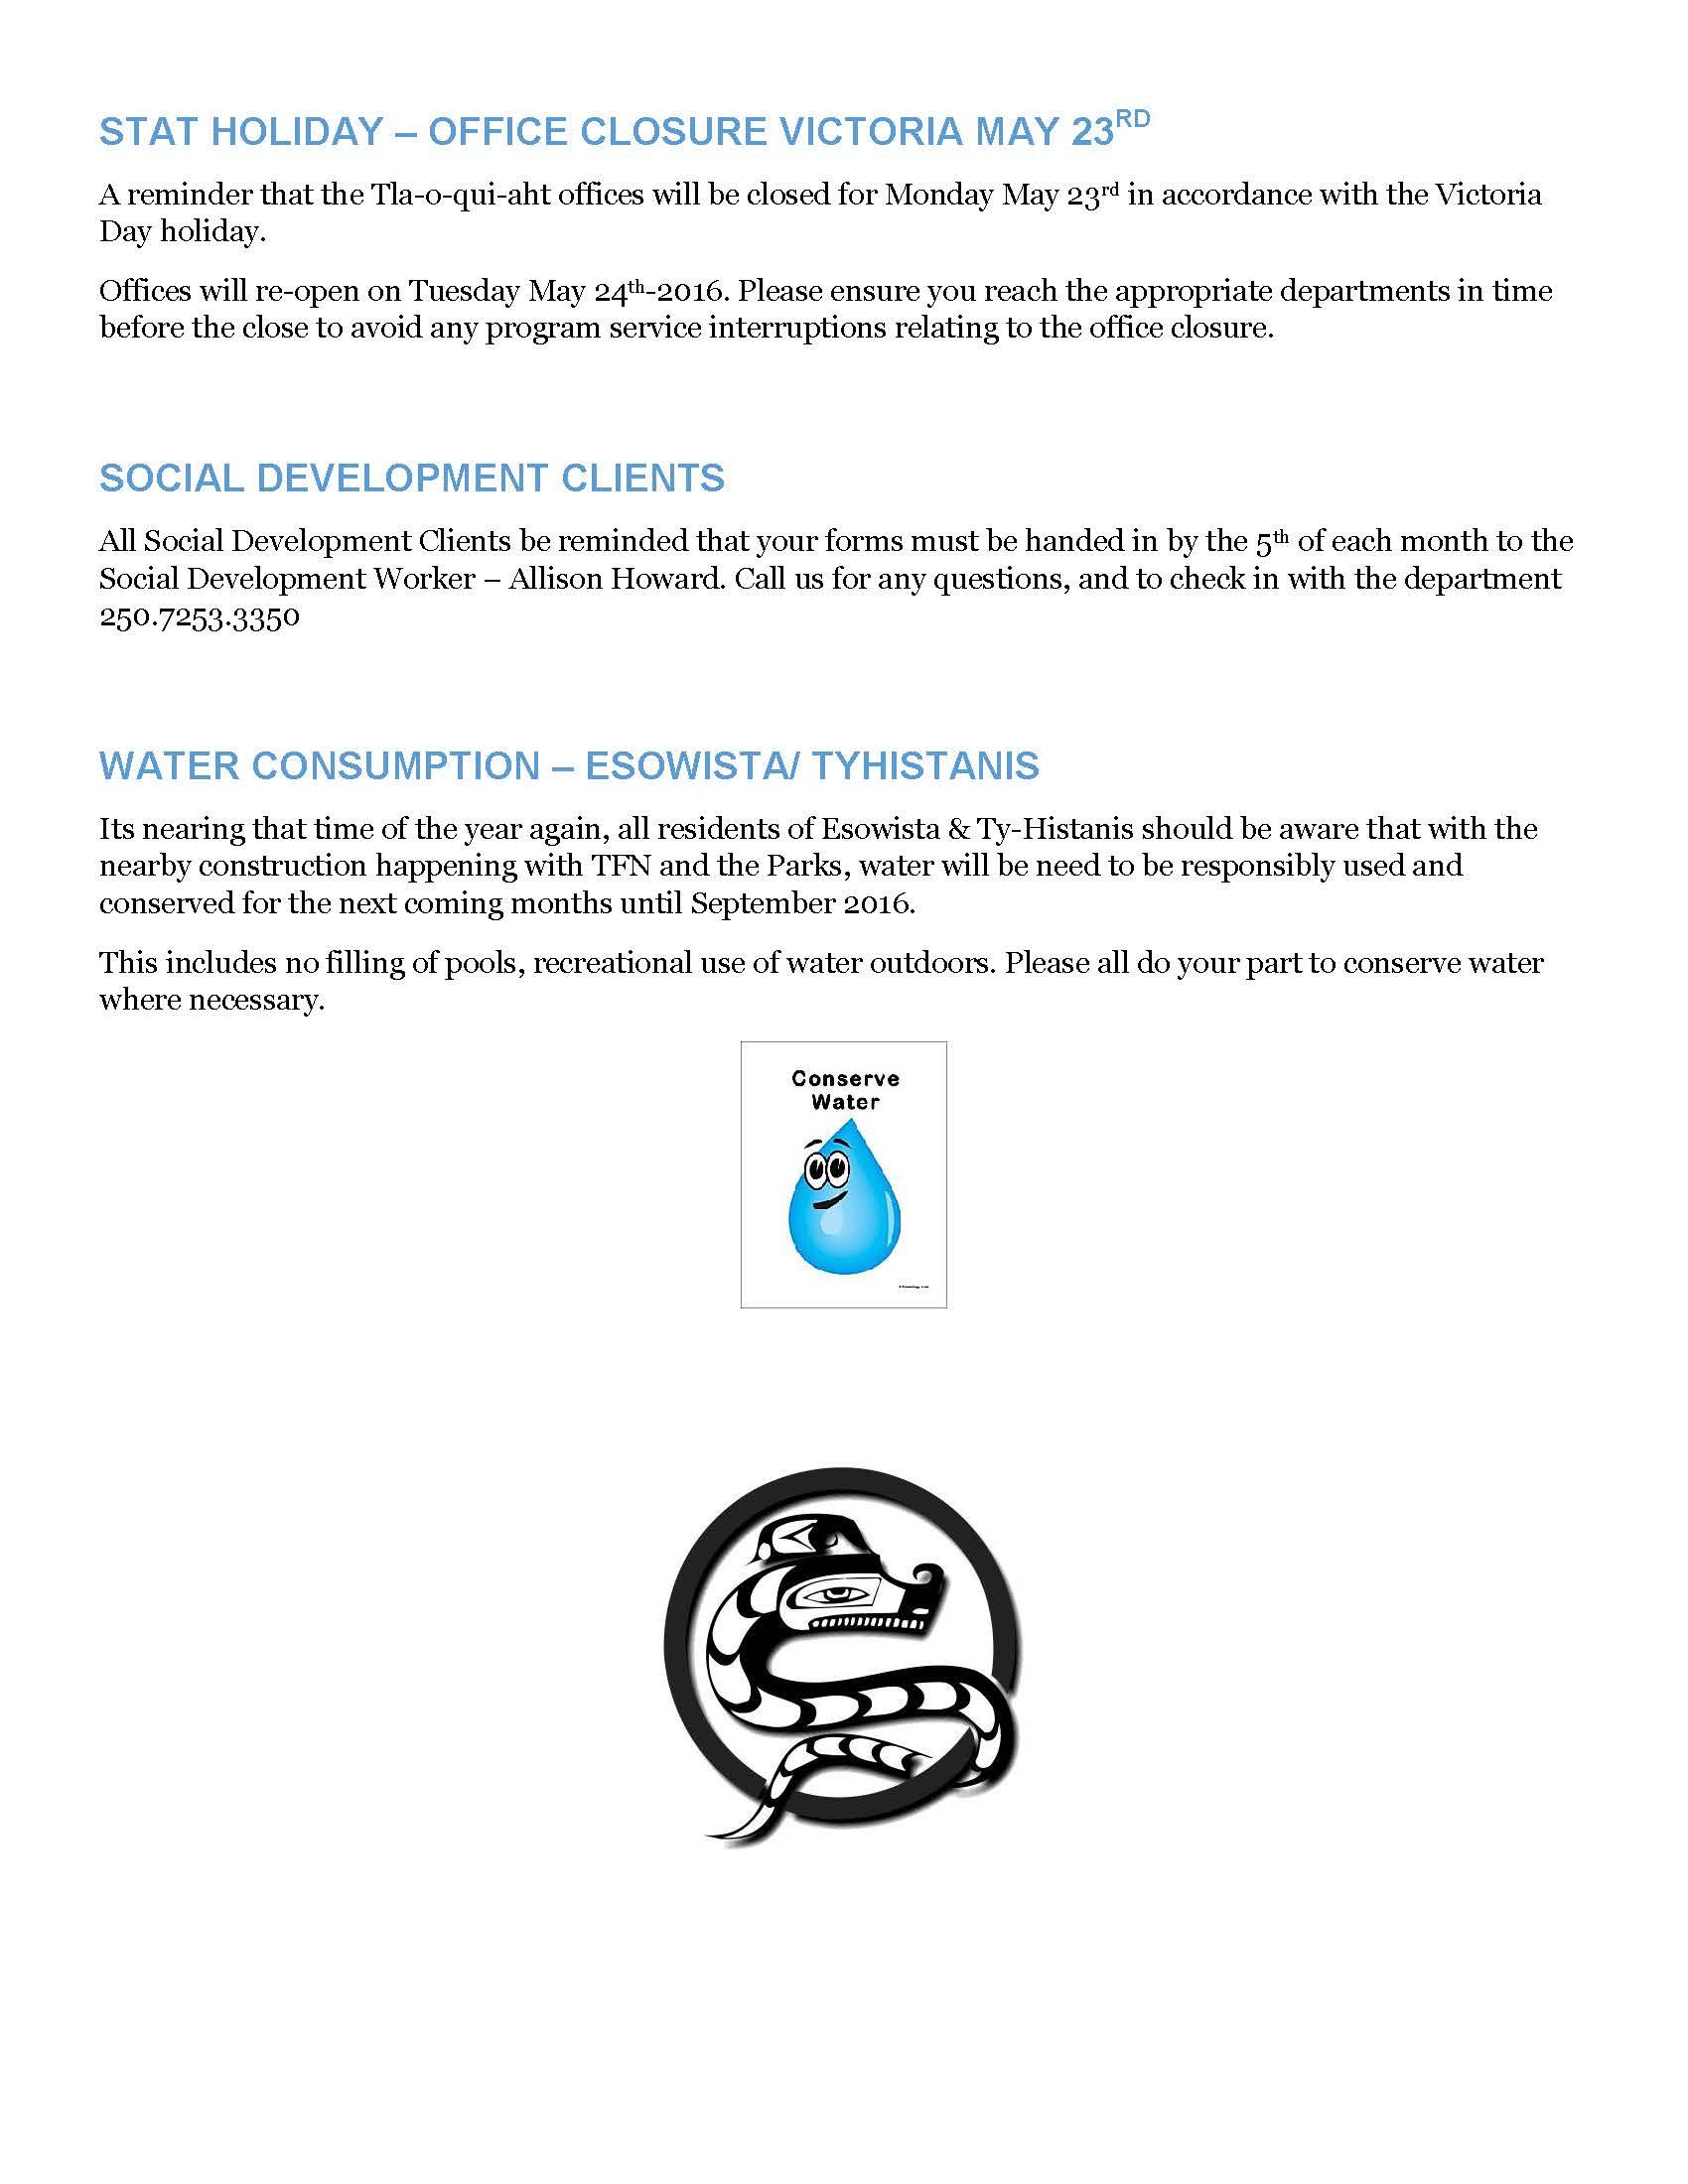 TFN Bulletin May 1-2016 (2)_Page_5.jpg